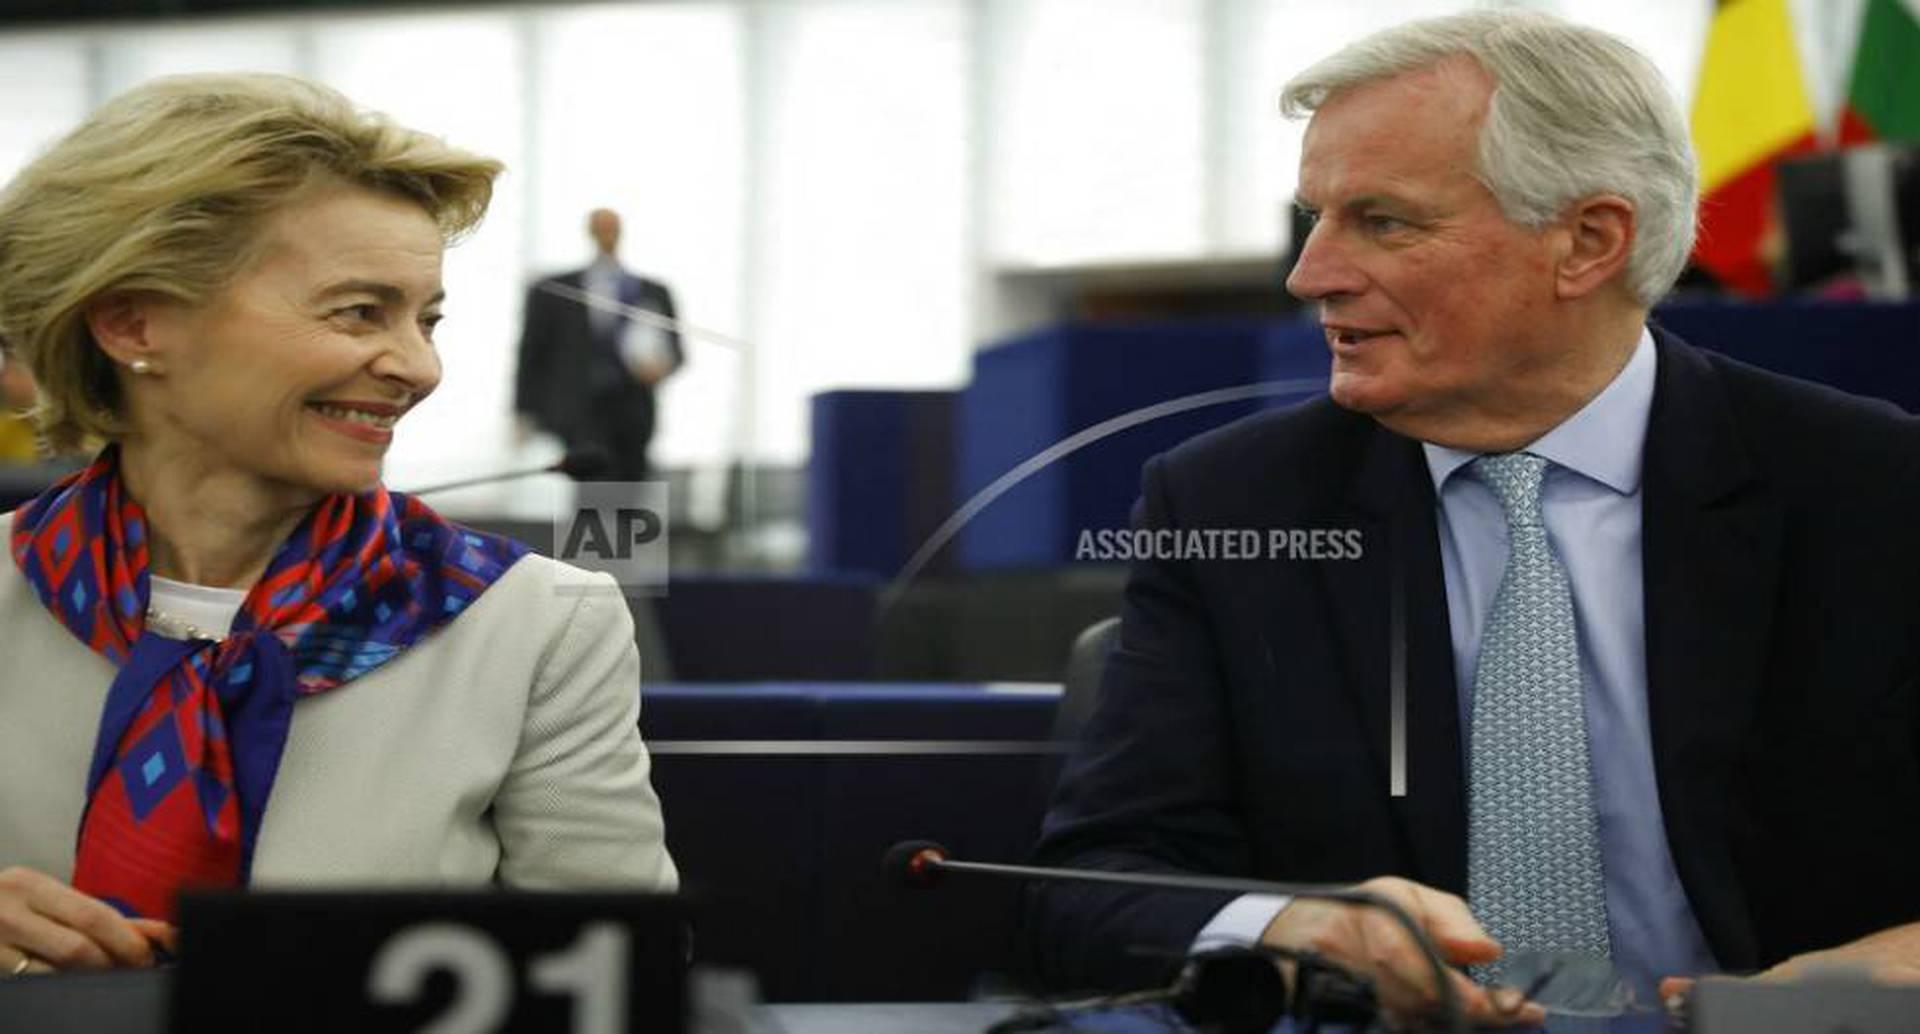 La presidente de la Comisión Europea conversa con el negociador del Brexit Michel Barnier en el Parlamento Europeo, Estrasburgo, Francia, martes 14 de enero de 2020. Foto: Jean-Francois Badias/ AP.